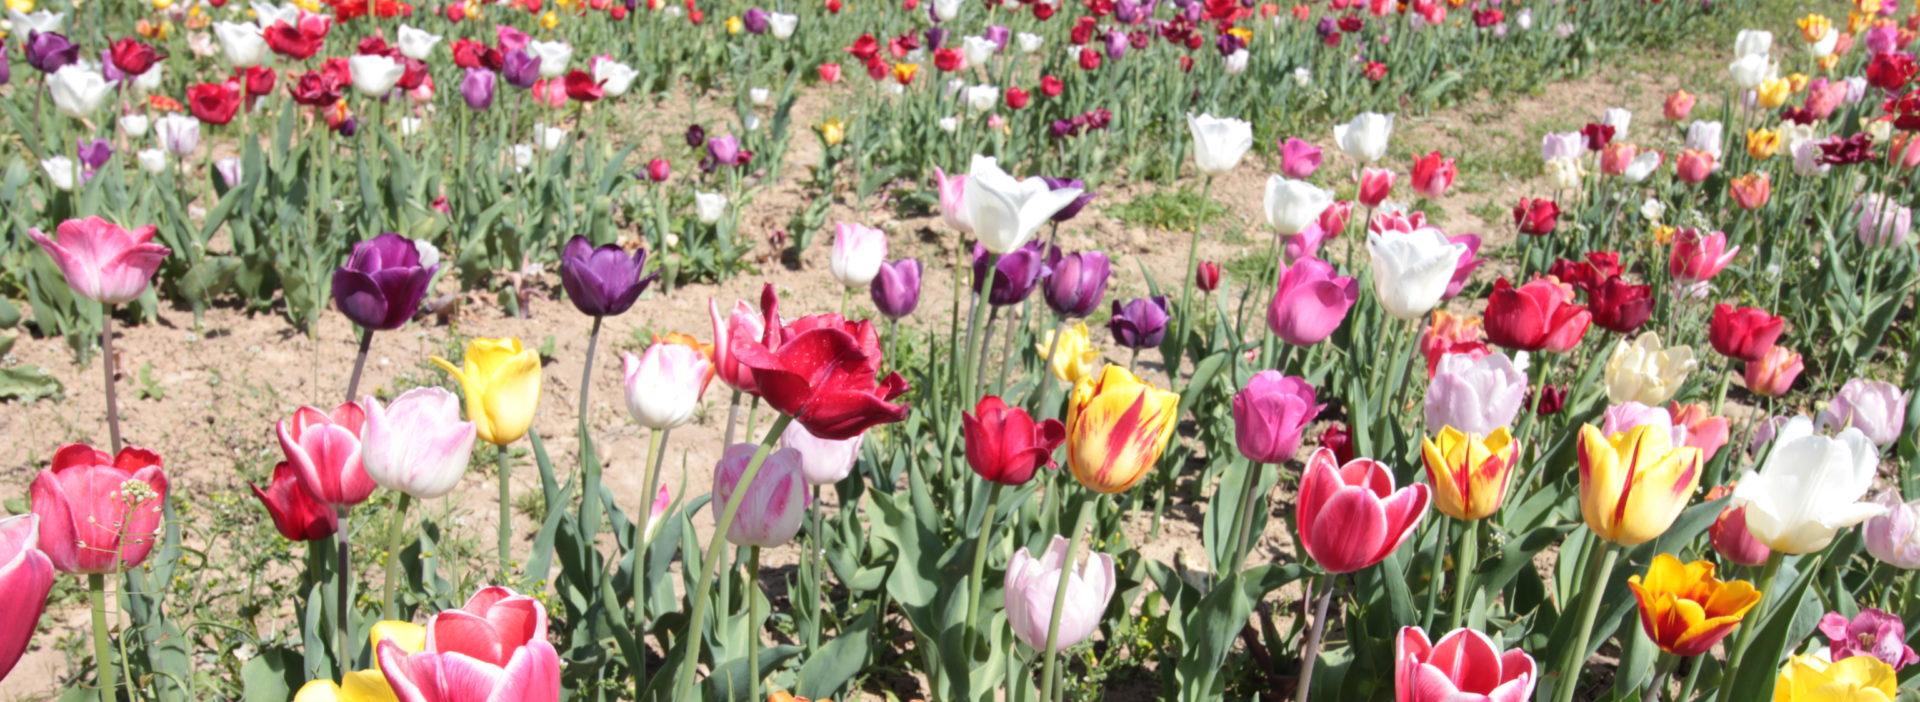 Römerhof Blumen